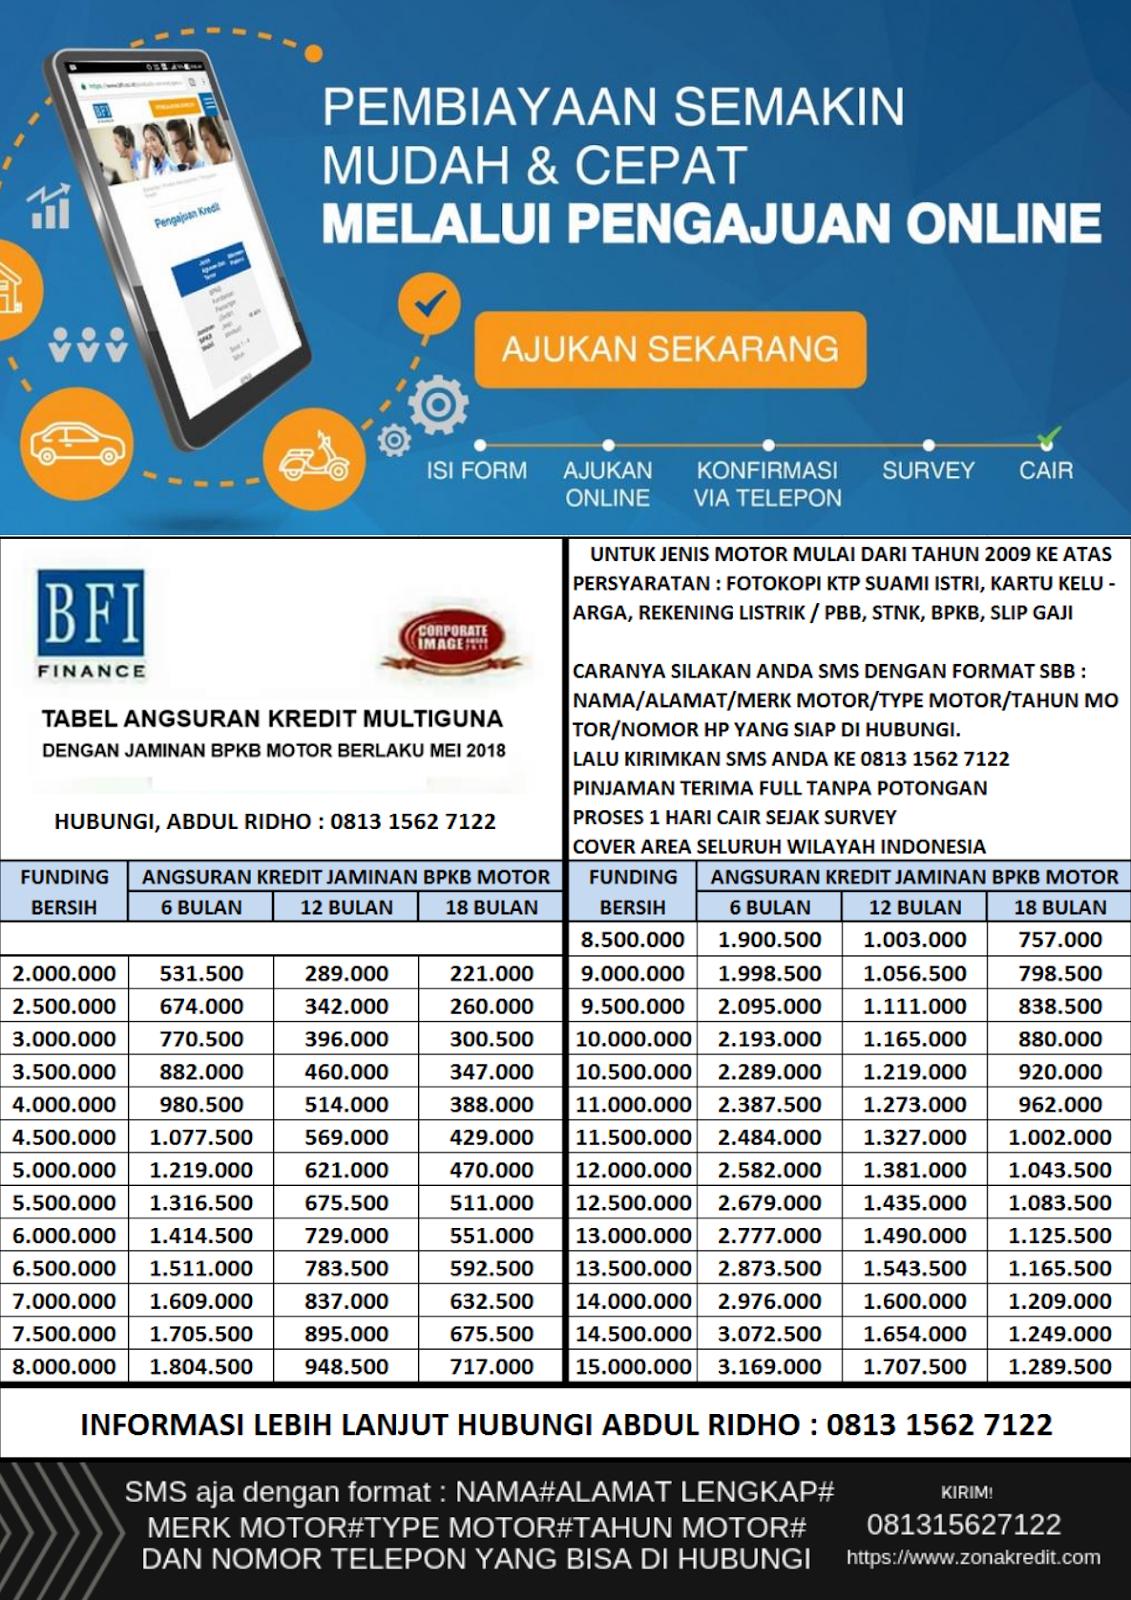 Marketing Kredit Pinjaman Tunai Jaminan Bpkb Motor Di Bfi